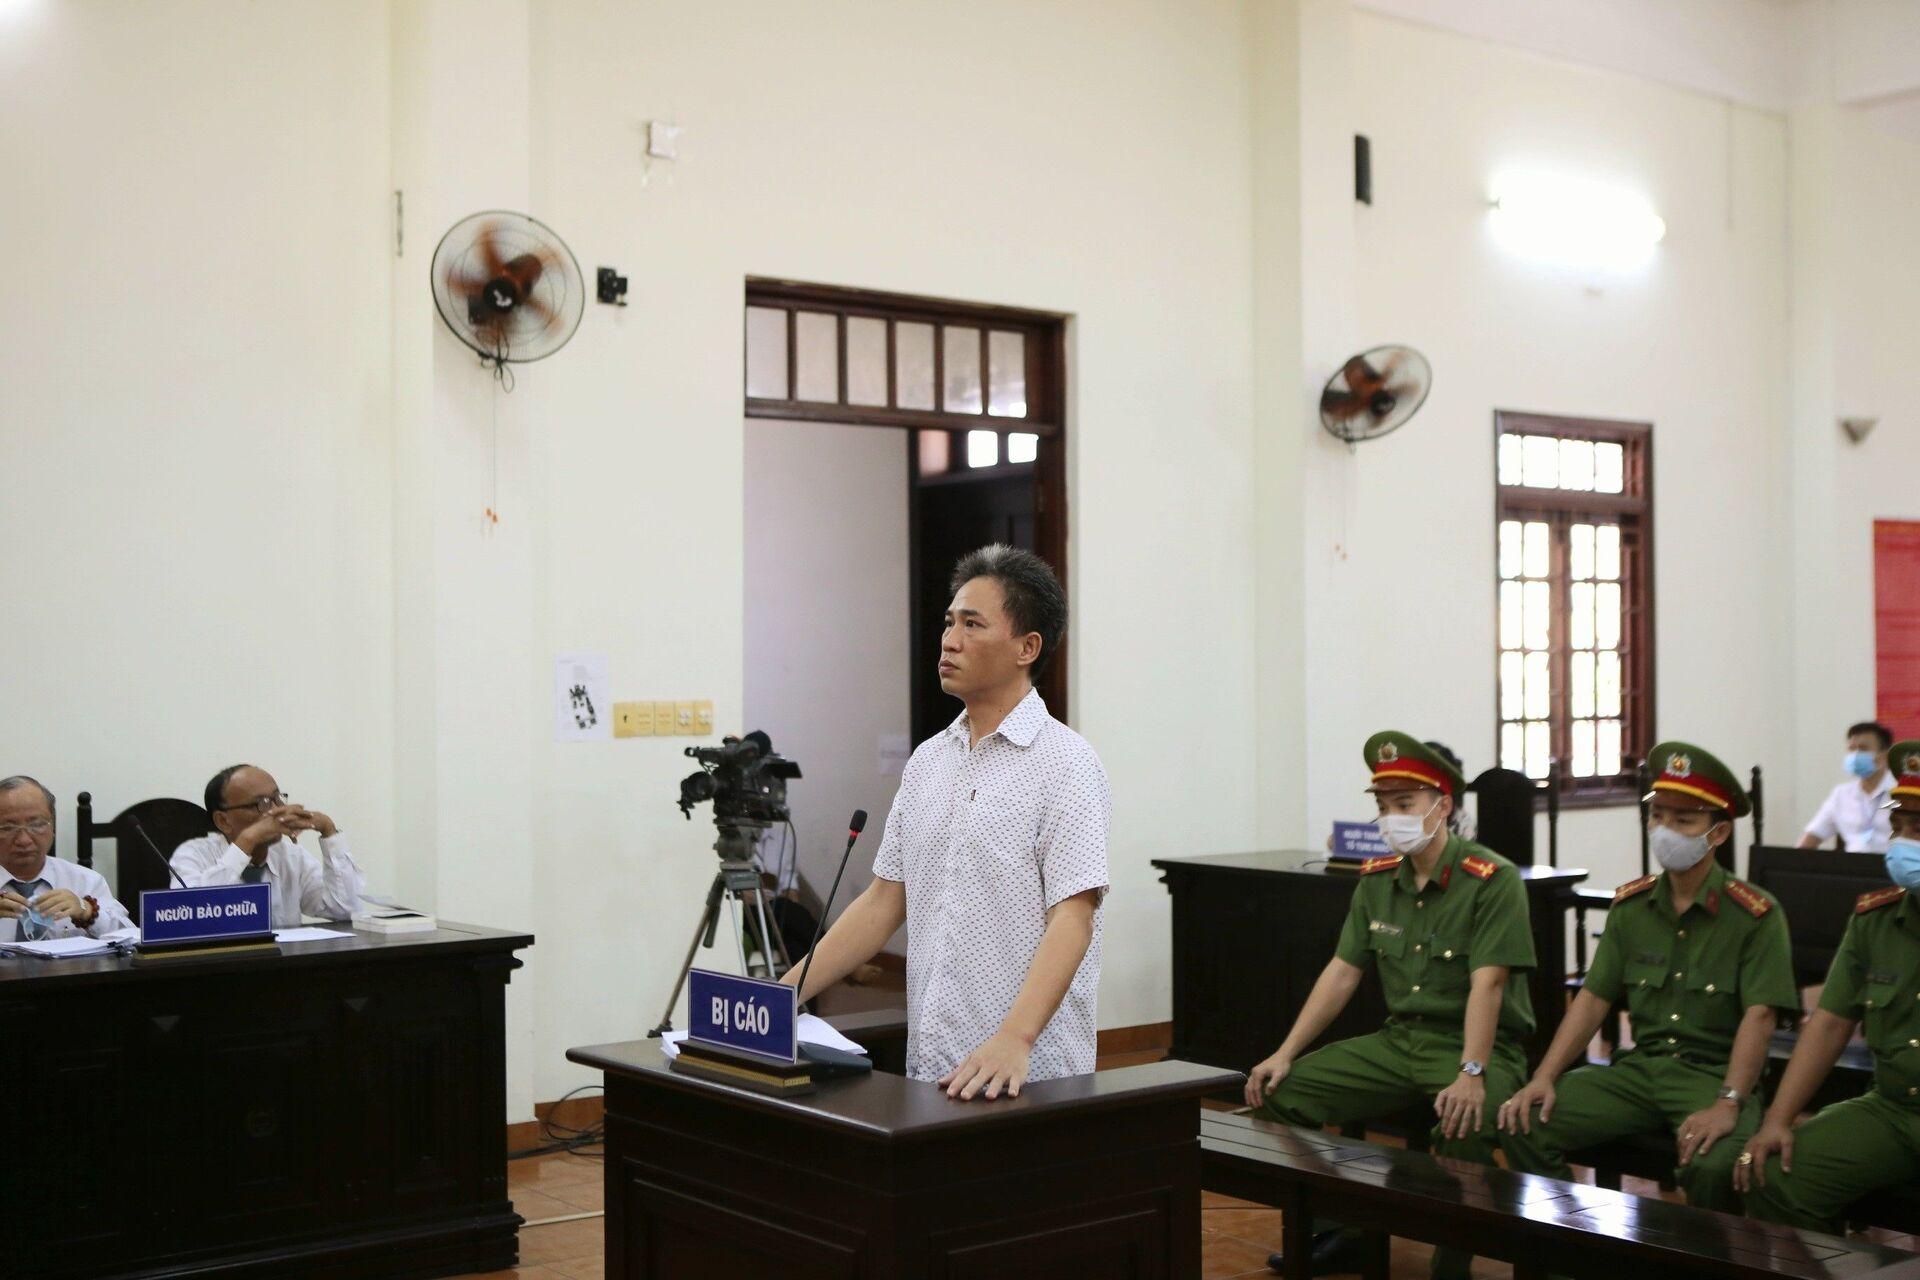 Xúc phạm các nguyên lãnh đạo Trần Đại Quang, Nguyễn Tấn Dũng, Quách Duy ngồi tù - Sputnik Việt Nam, 1920, 15.04.2021